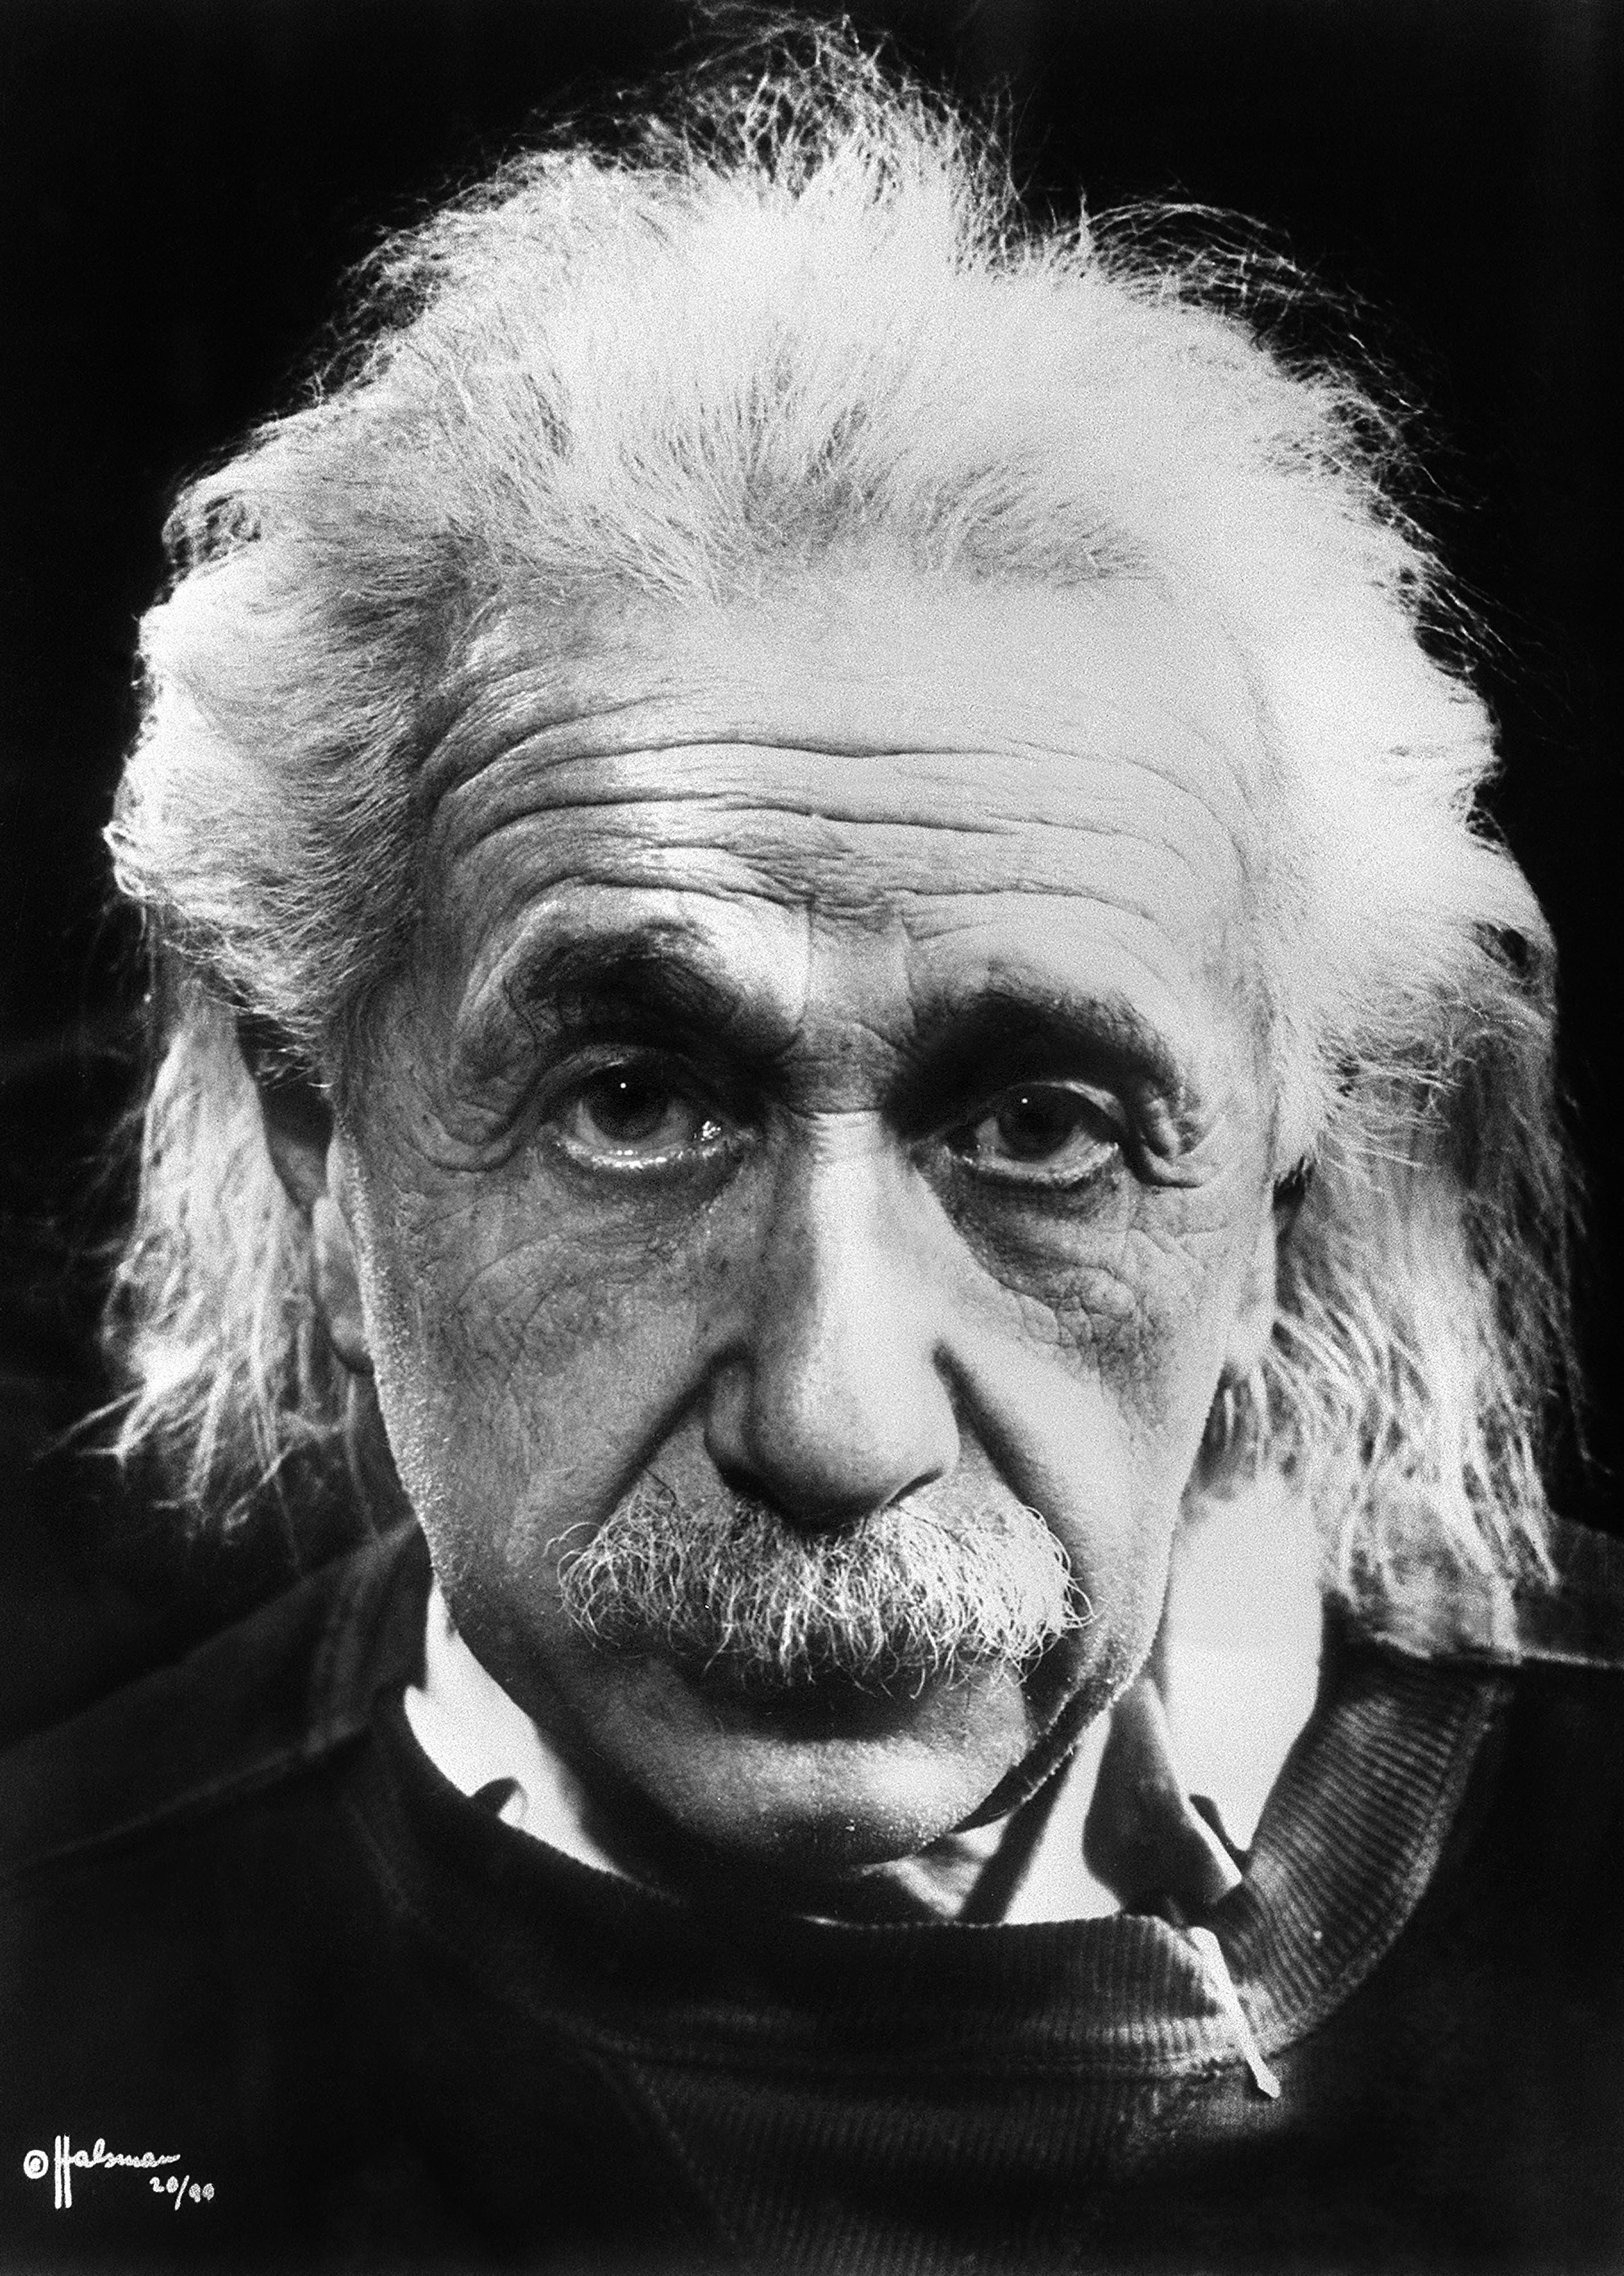 Albert Einstein Facts For Kids - kidzfeed.com